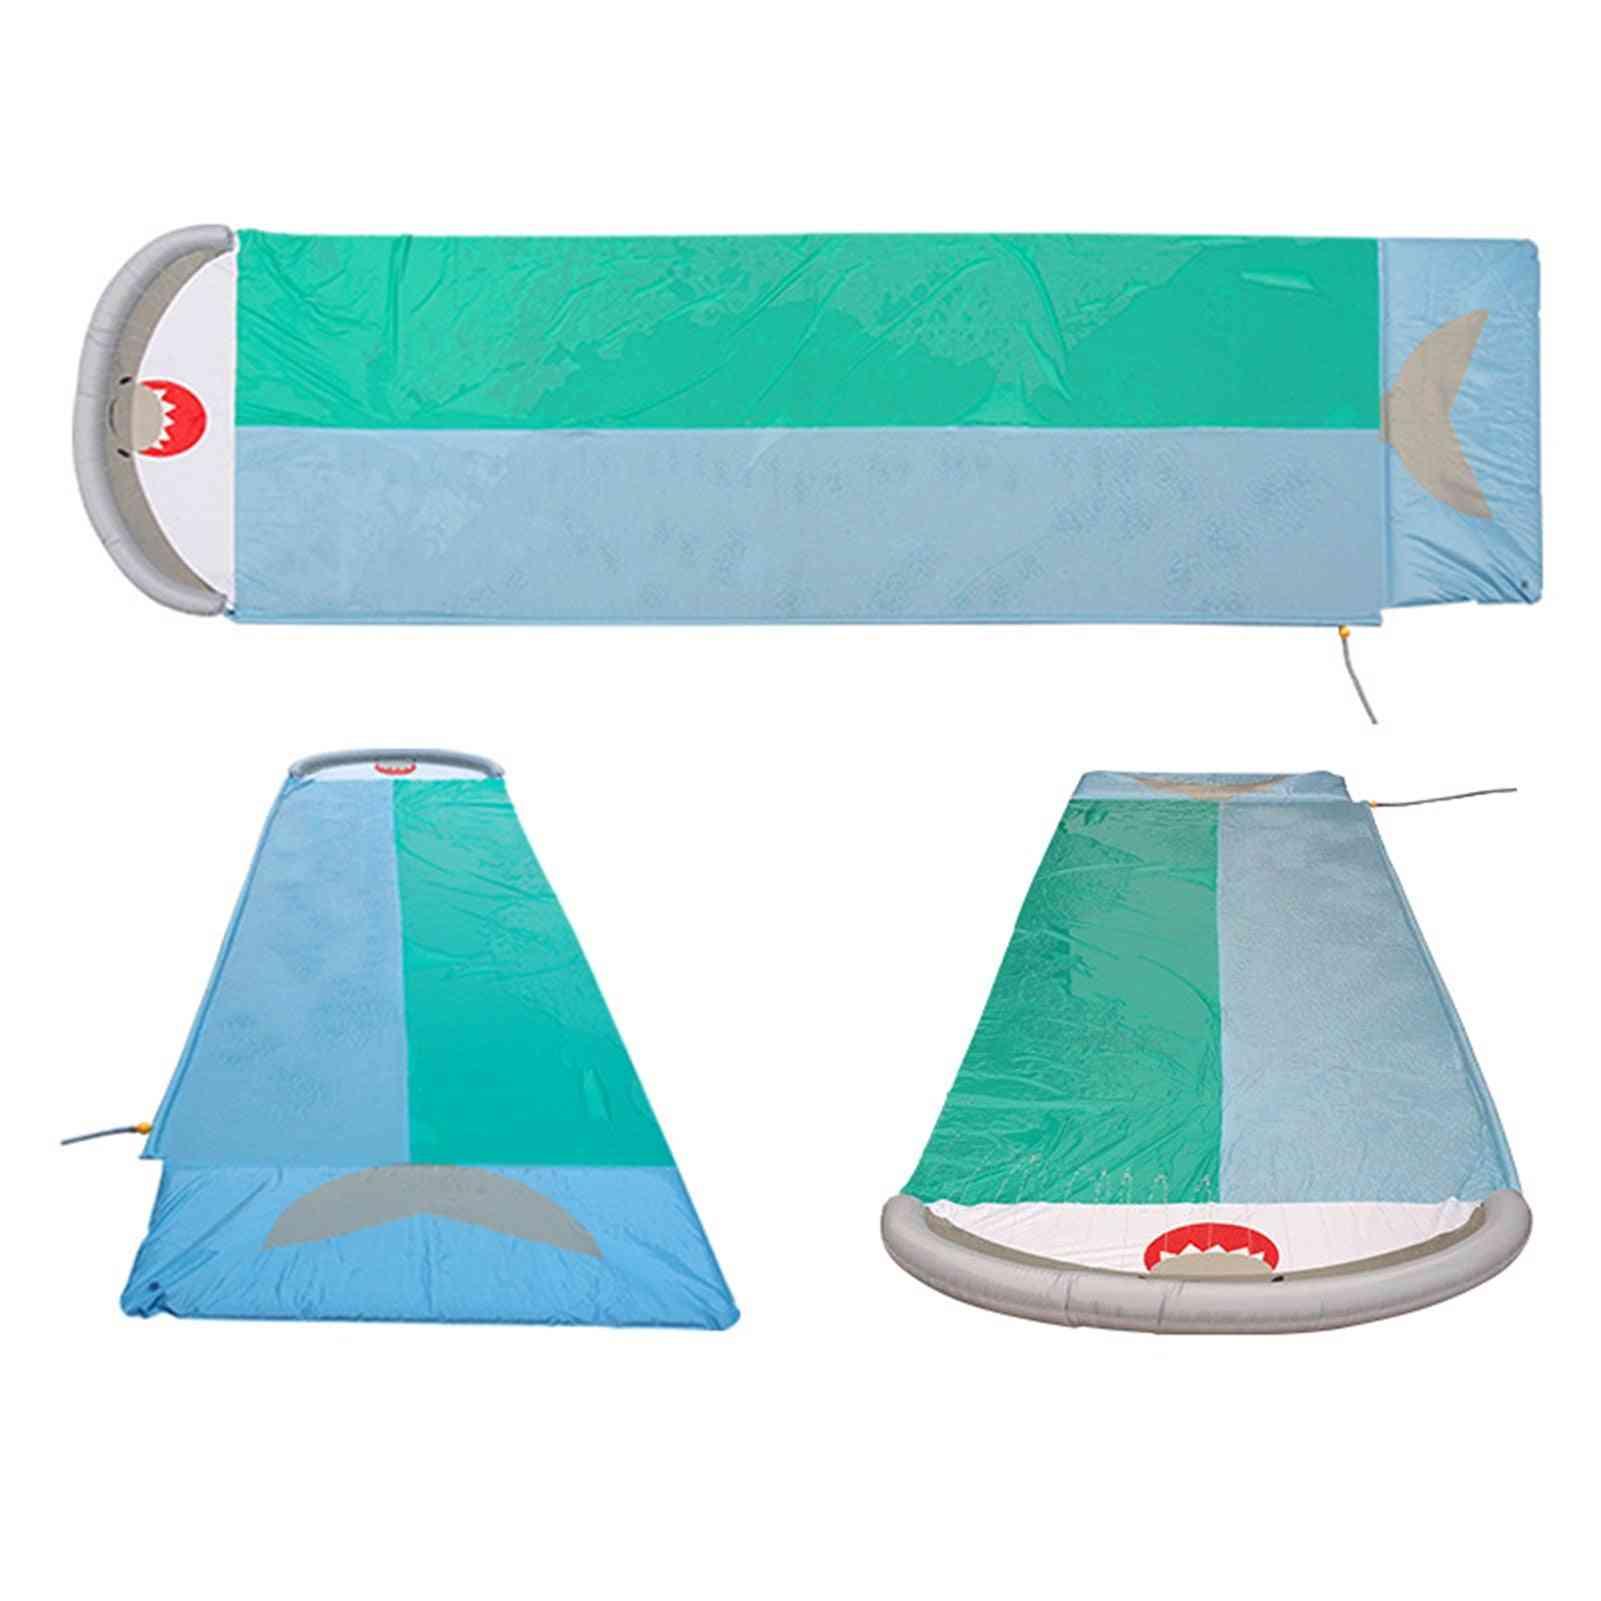 Double Racer Pool Kids Summer Park, Backyard Play, Fun, Outdoor Splash, Slip N Slide Wave Rider, Inflatable Water Slide